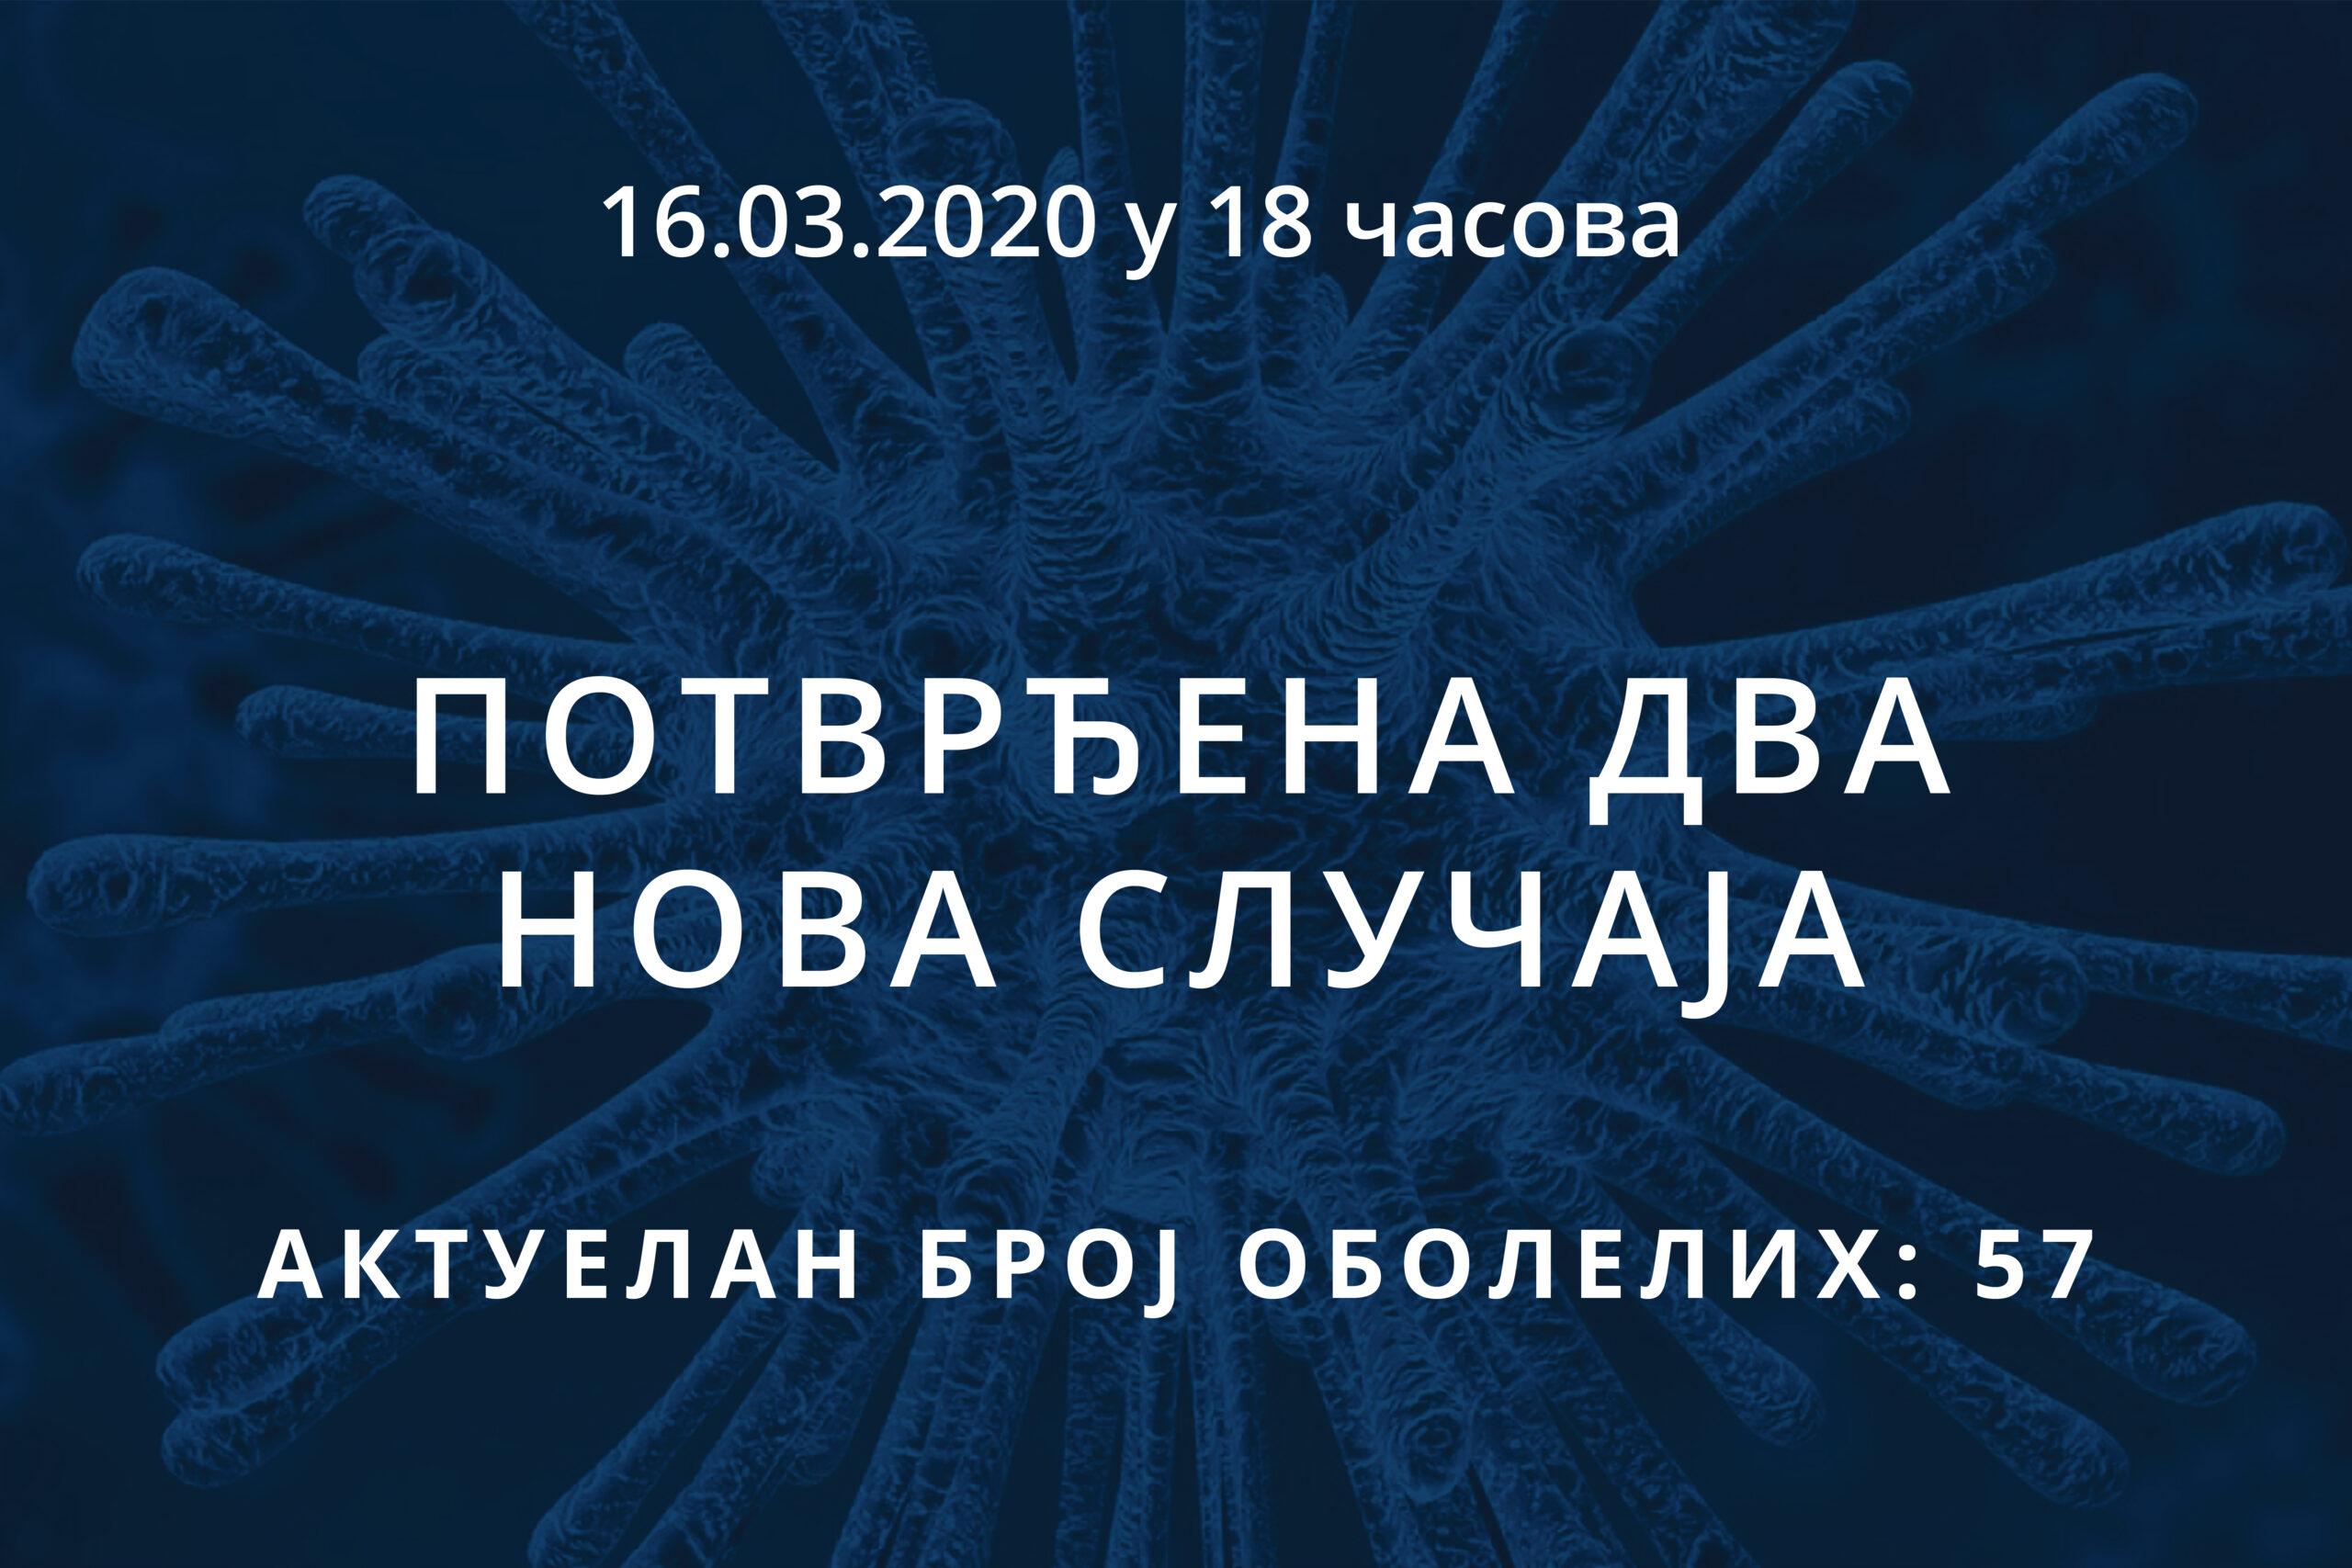 You are currently viewing Информације о корона вирусу COVID-19, 16.03.2020 у 18 часова